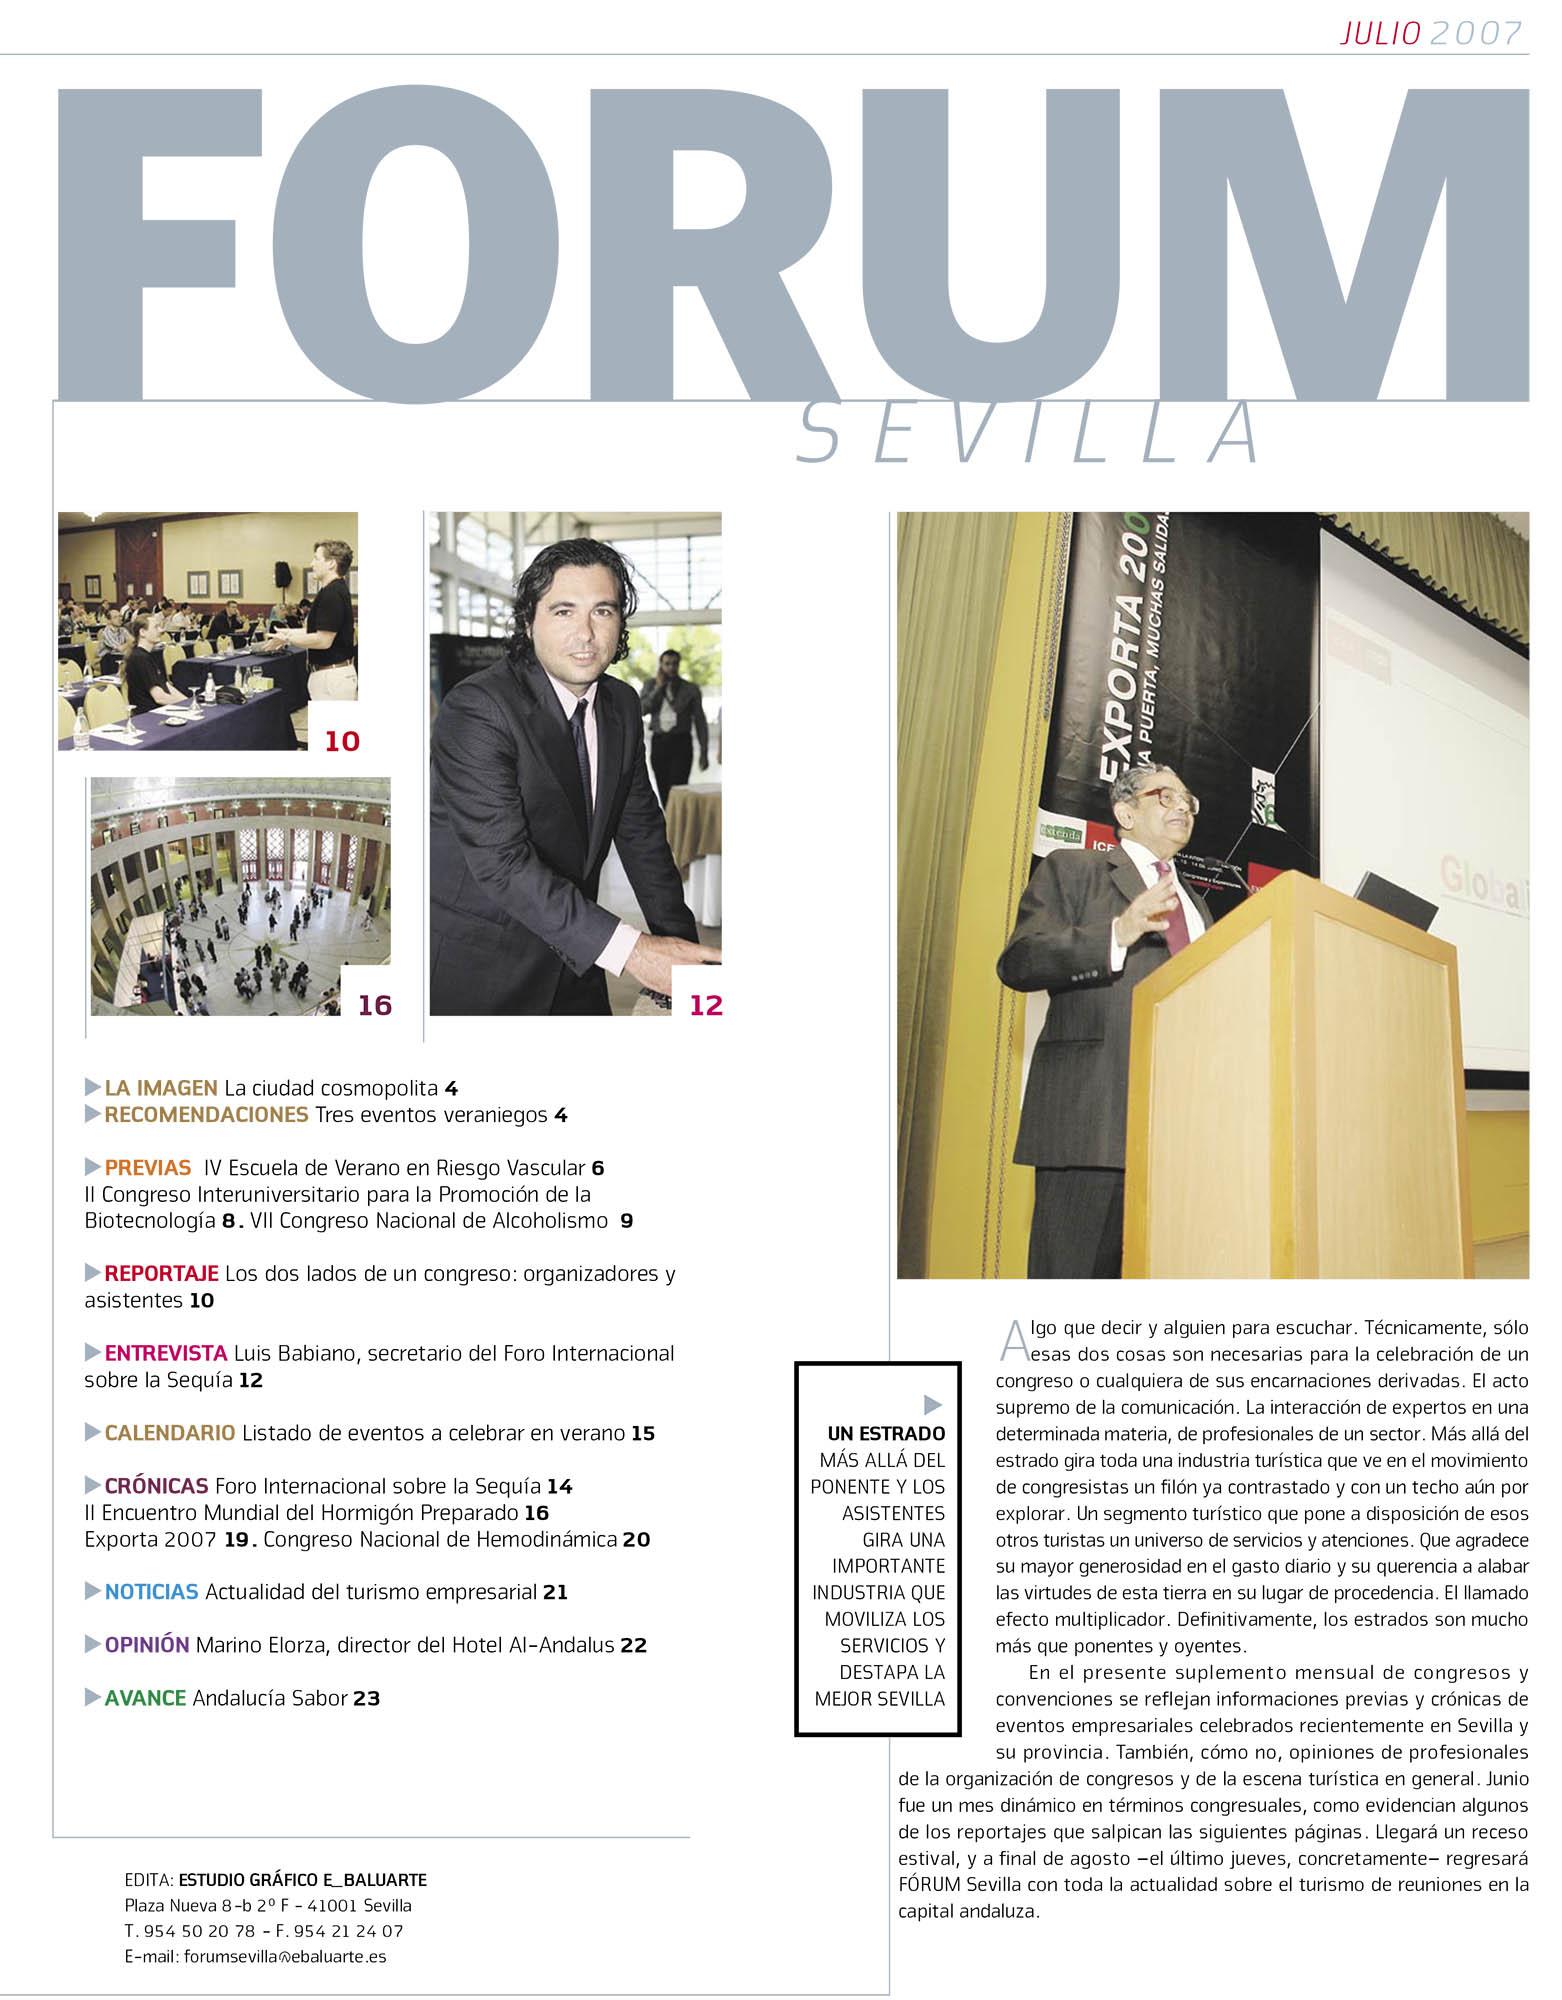 Un estrado – Editorial | Fórum – ABC de Sevilla | jul 2007